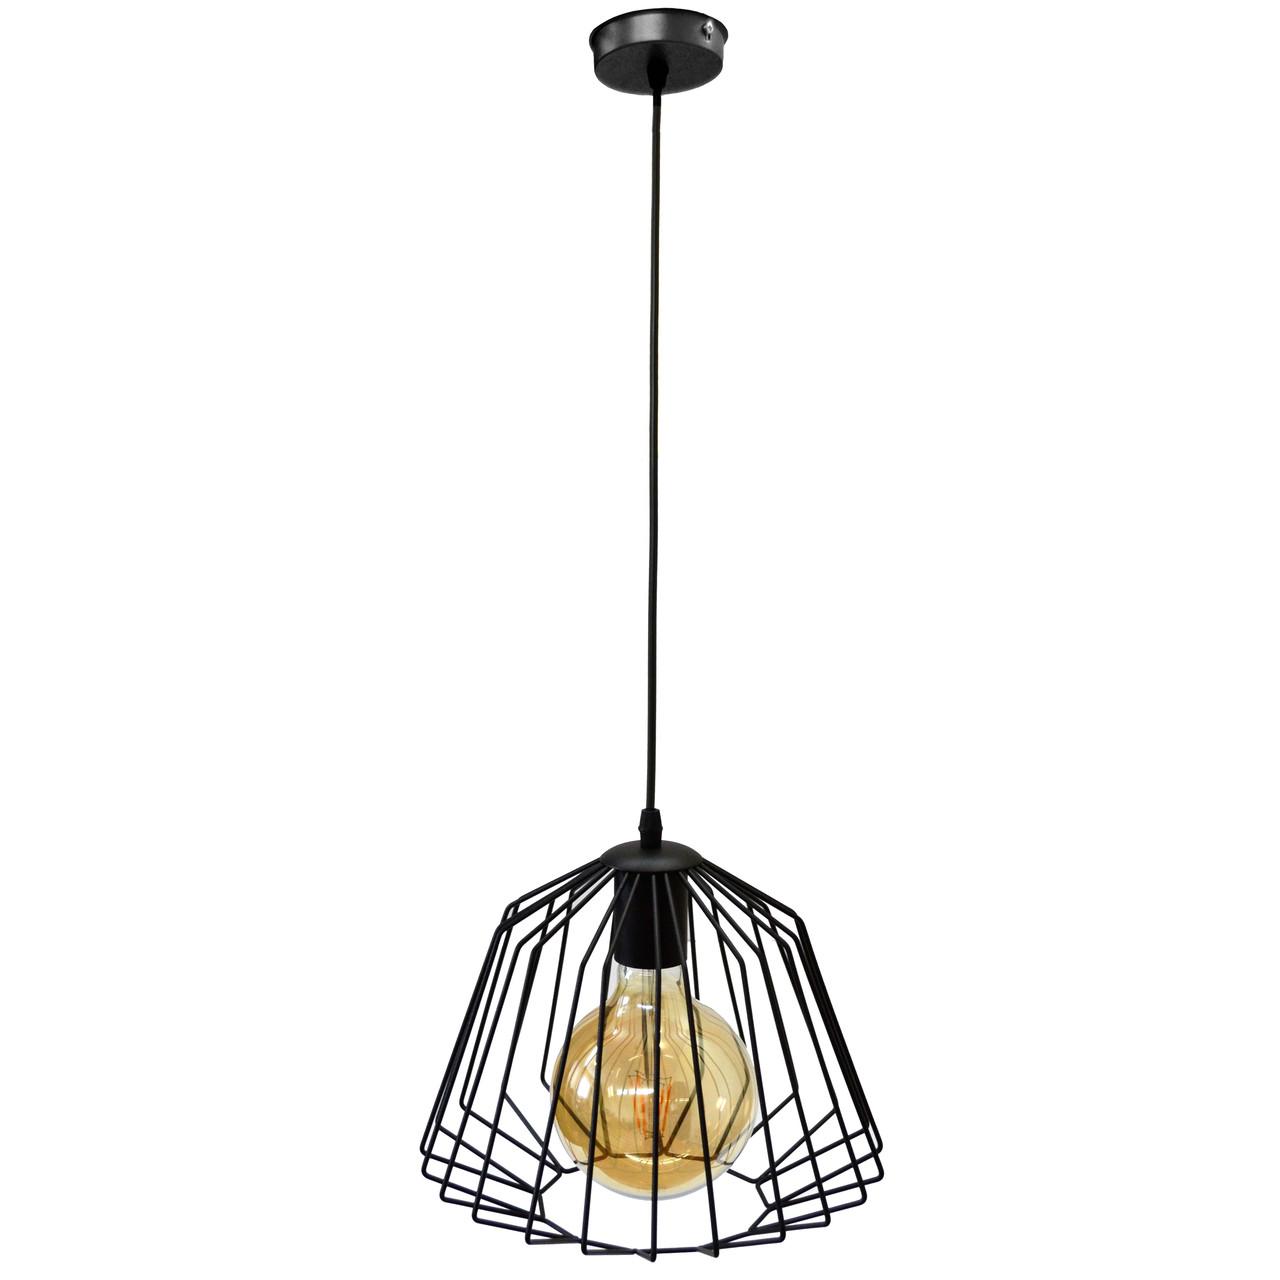 Светильник подвесной в стиле лофт NL 2724 MSK Electric